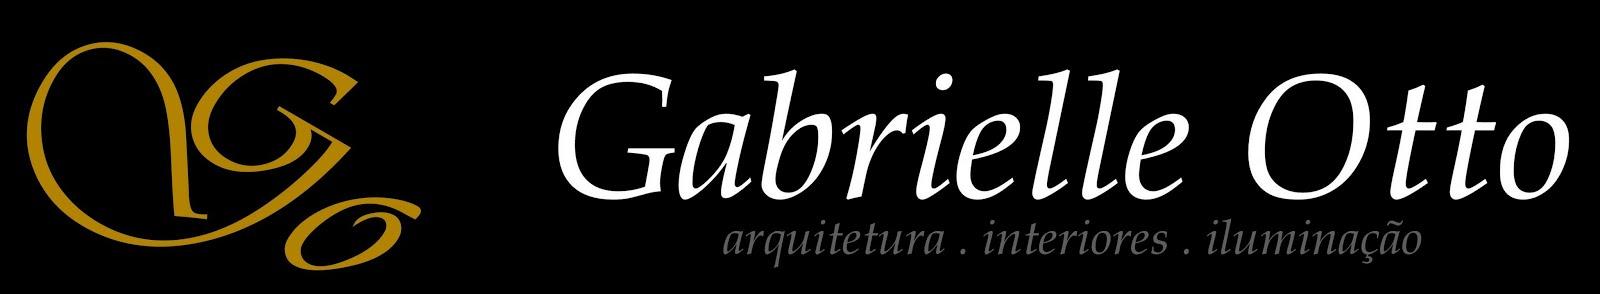 Gabrielle Otto - Arquitetura - Interiores - Iluminação